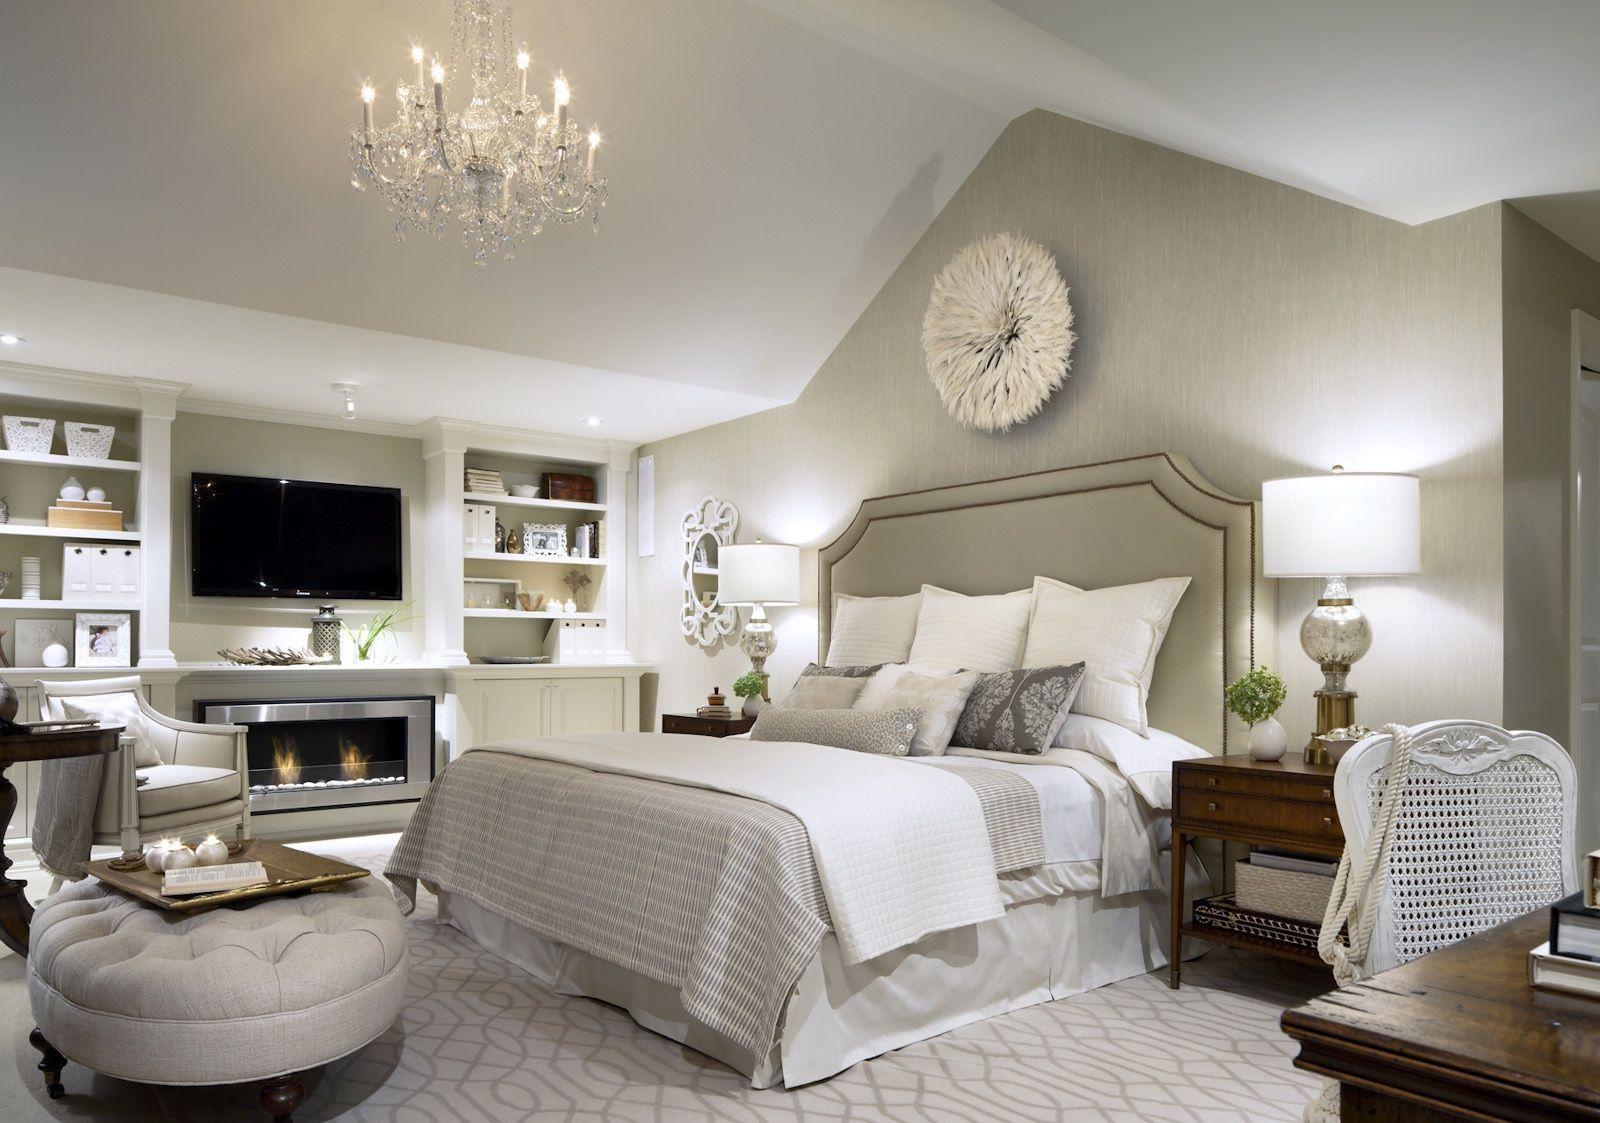 Master bedroom with 2 beds  bpspotOeTcLCGEMTxwUoMqYIAAAAAAAAHwghhf